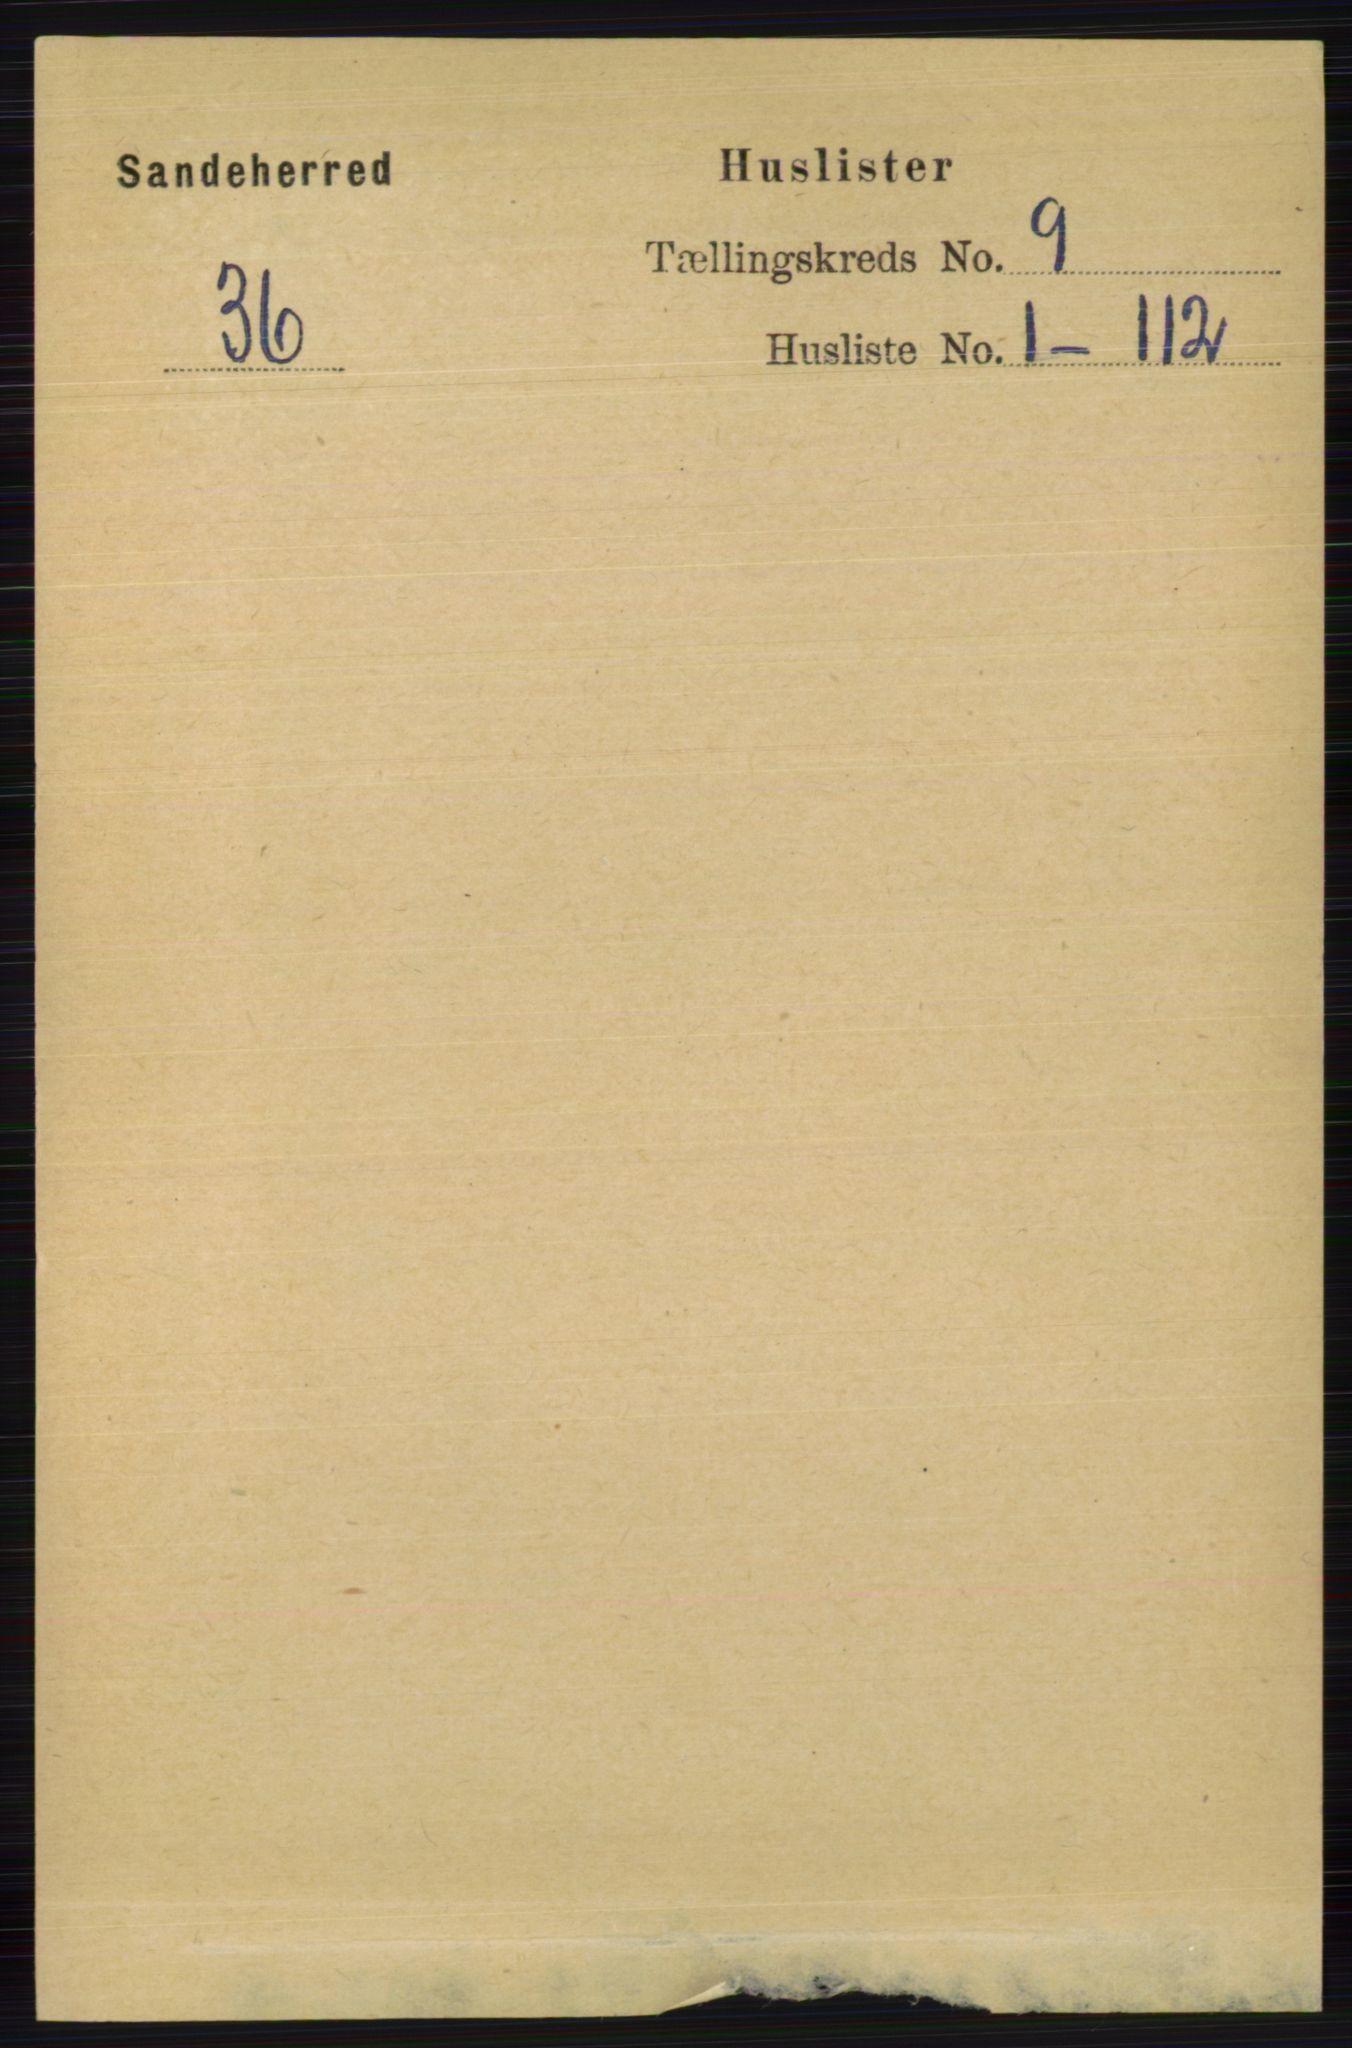 RA, Folketelling 1891 for 0724 Sandeherred herred, 1891, s. 5426